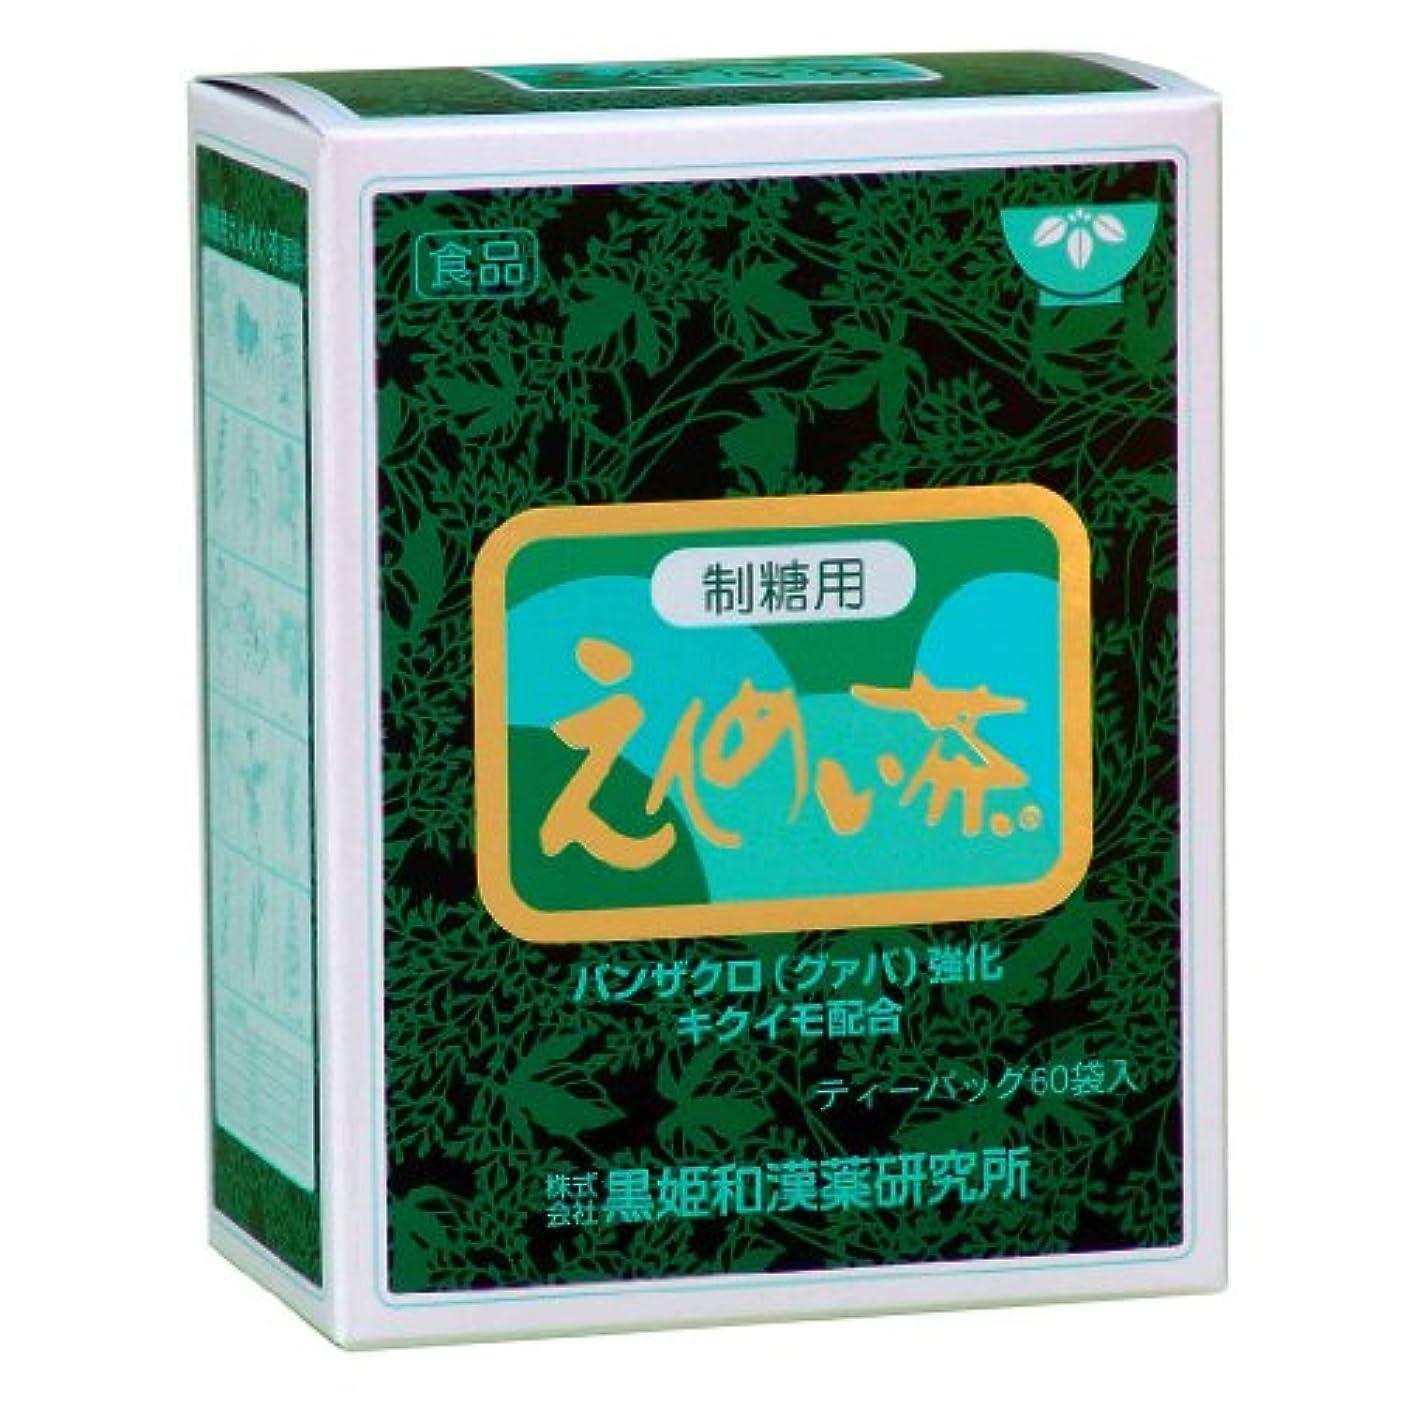 プリーツ異邦人ホーンユニマットリケン 黒姫えんめい茶制糖用 5gx60包